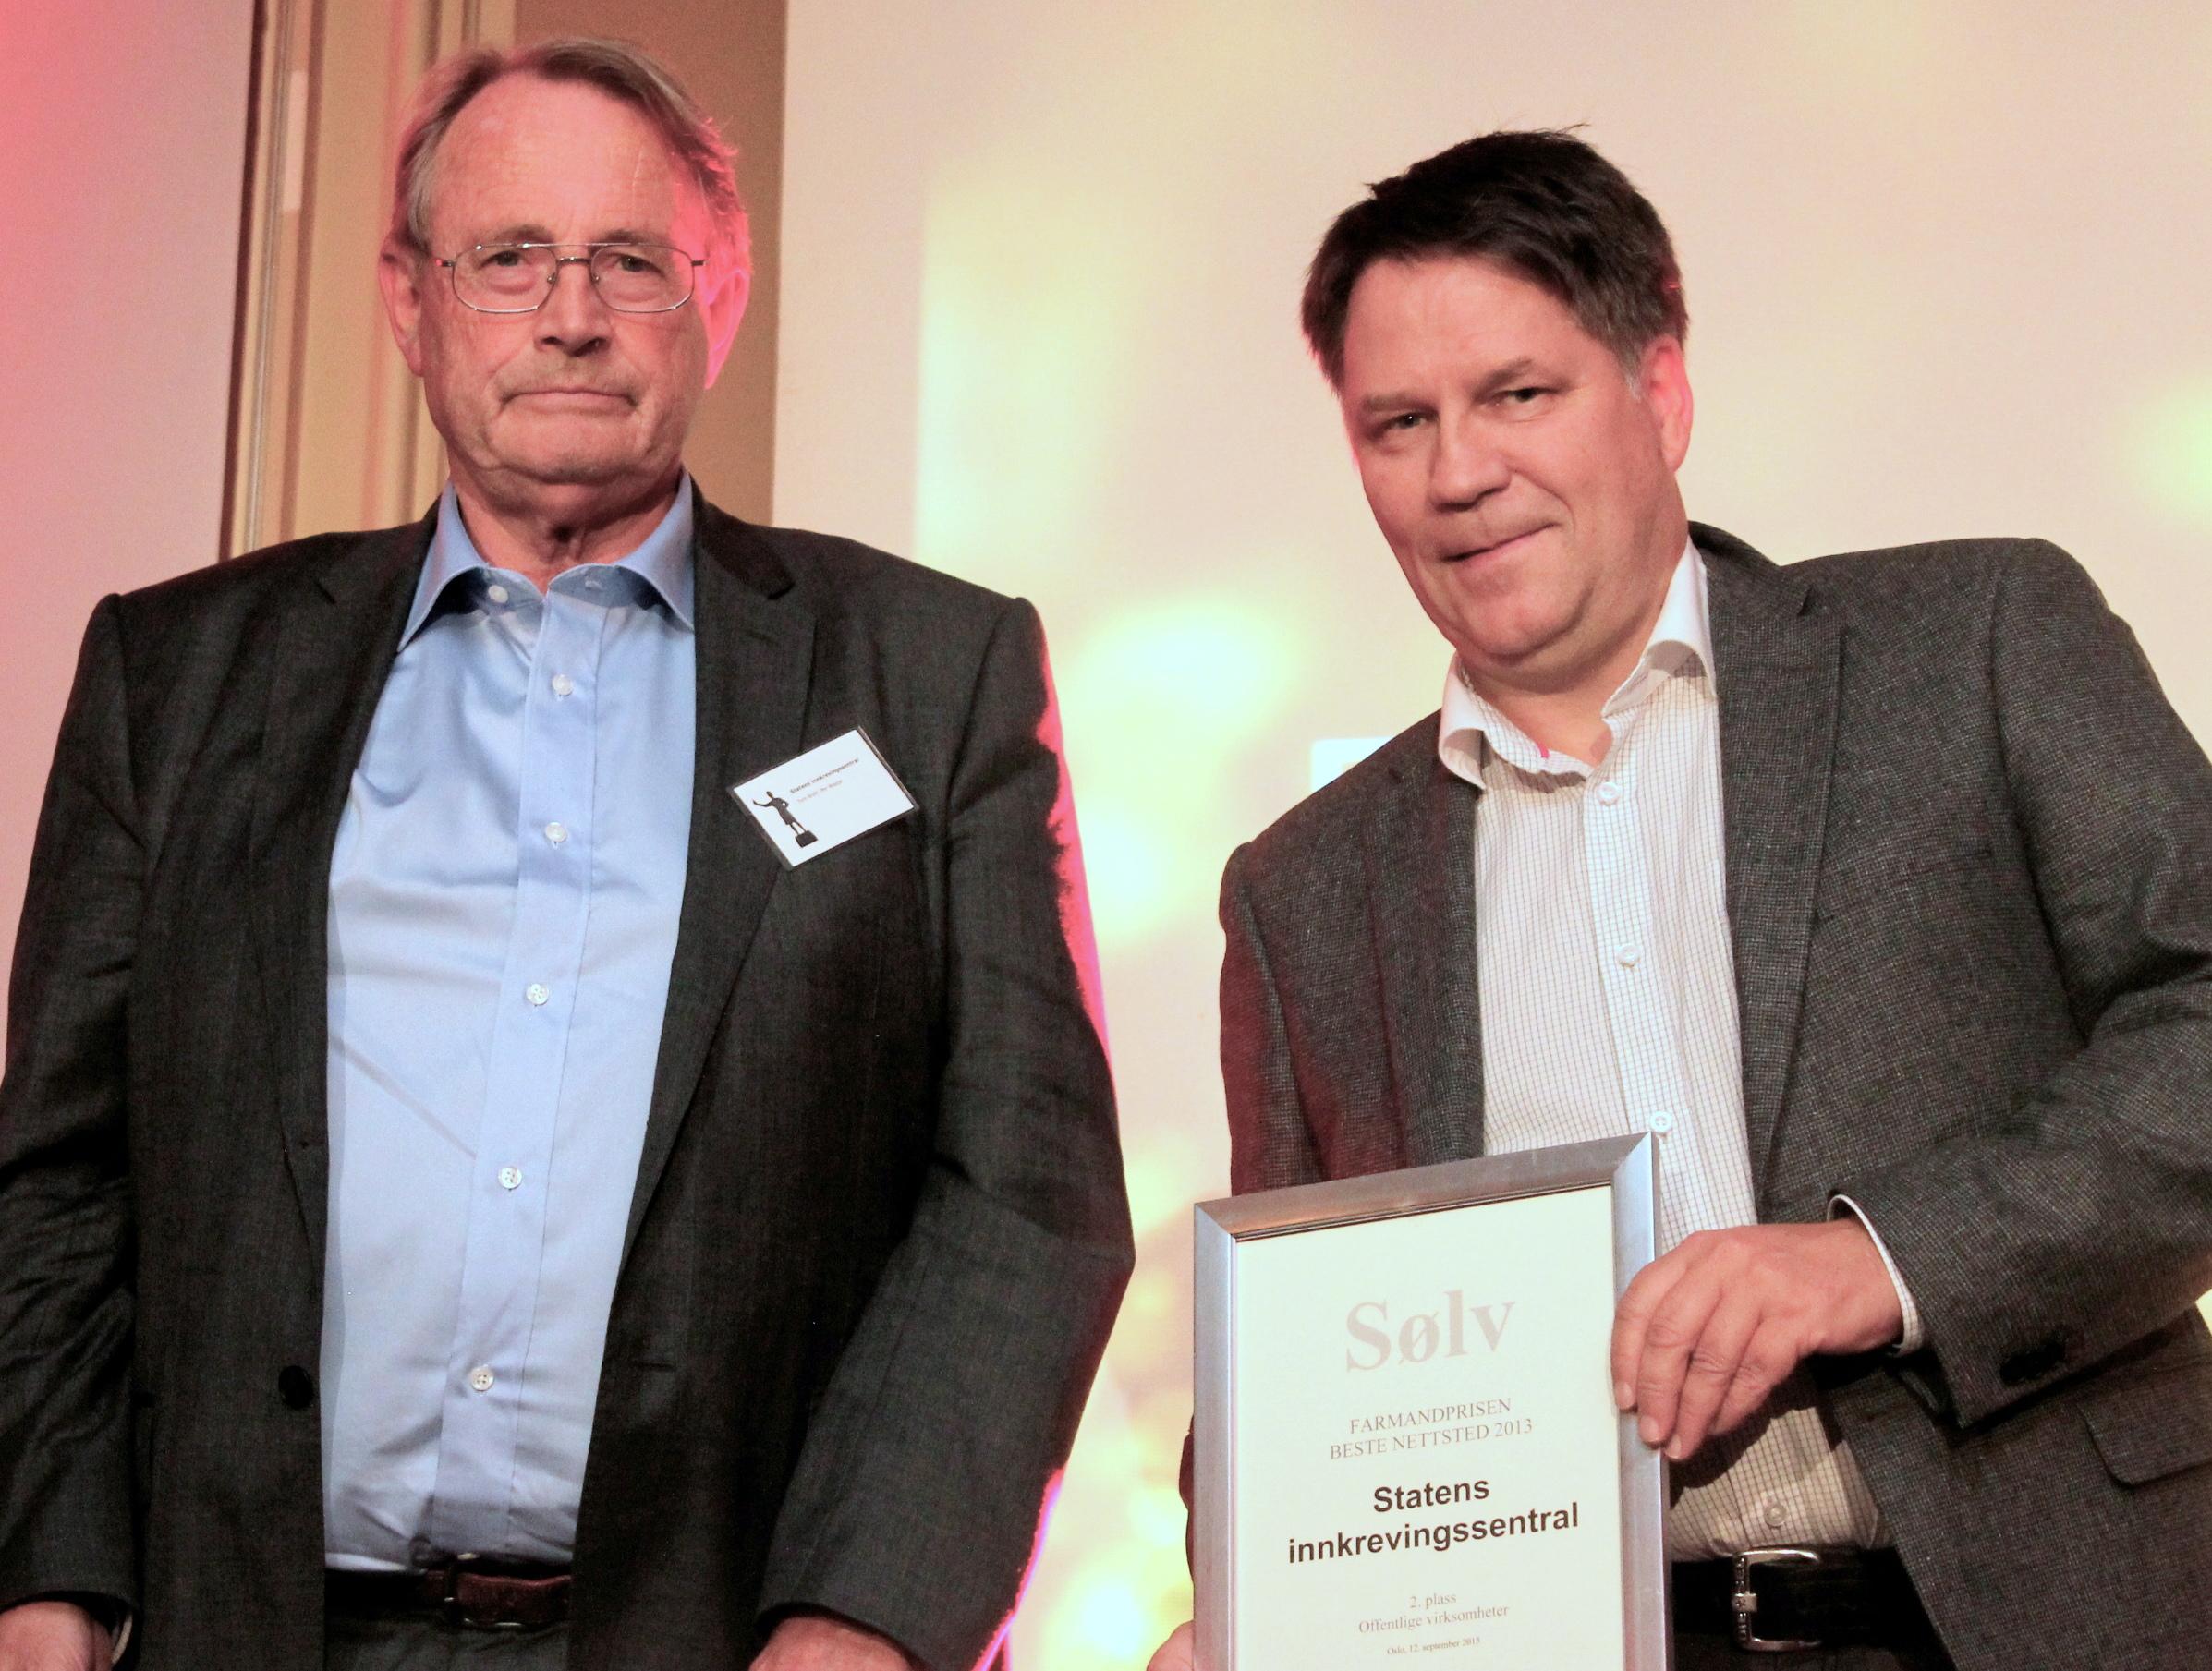 Farmandprisen Beste nettted 2013 - Offentlige virksomheter nr 2: Statens innkrevingssentral